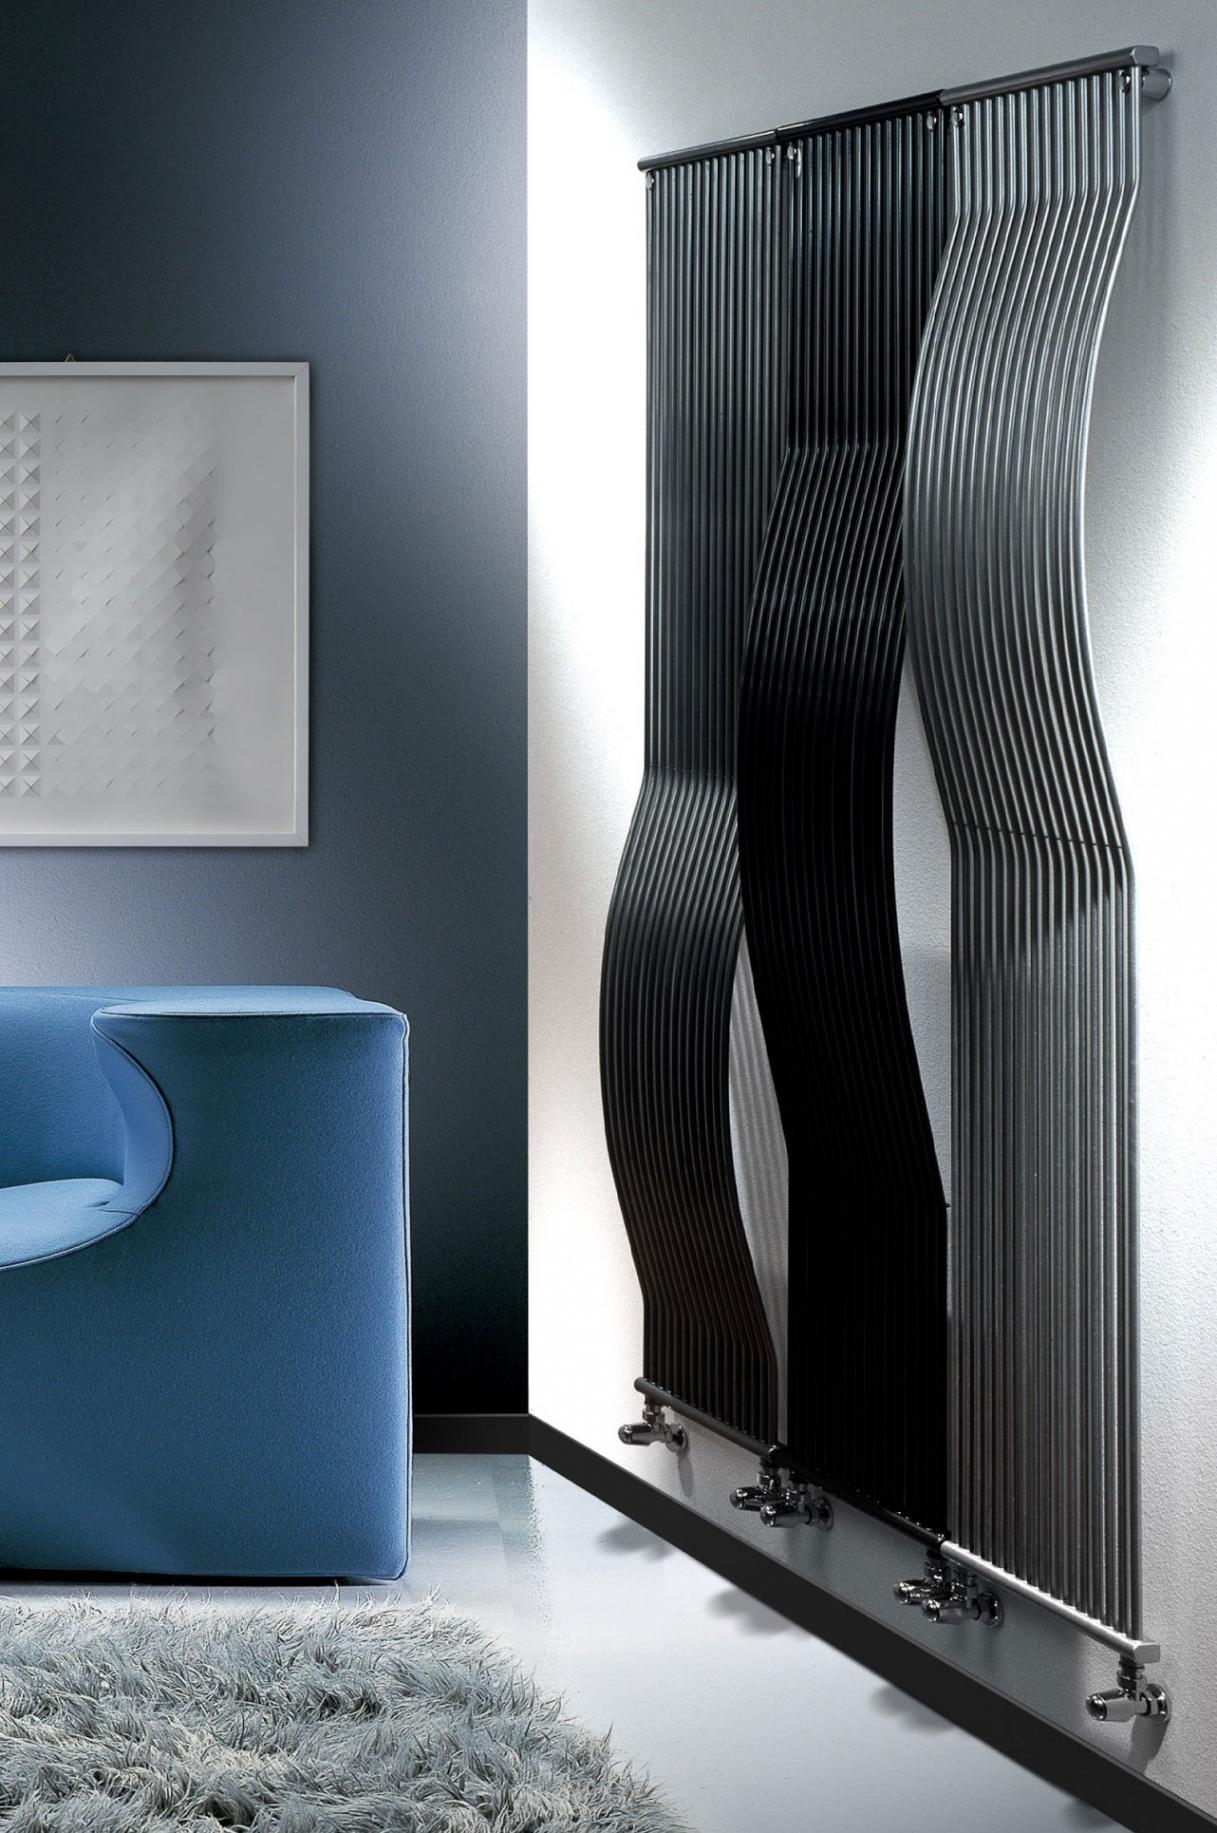 Full Size of Designer Heizkorper Wohnzimmer Minimalist Collectionjobs   Alte Heizkörper Verkleiden Wohnzimmer Heizkörper Wohnzimmer